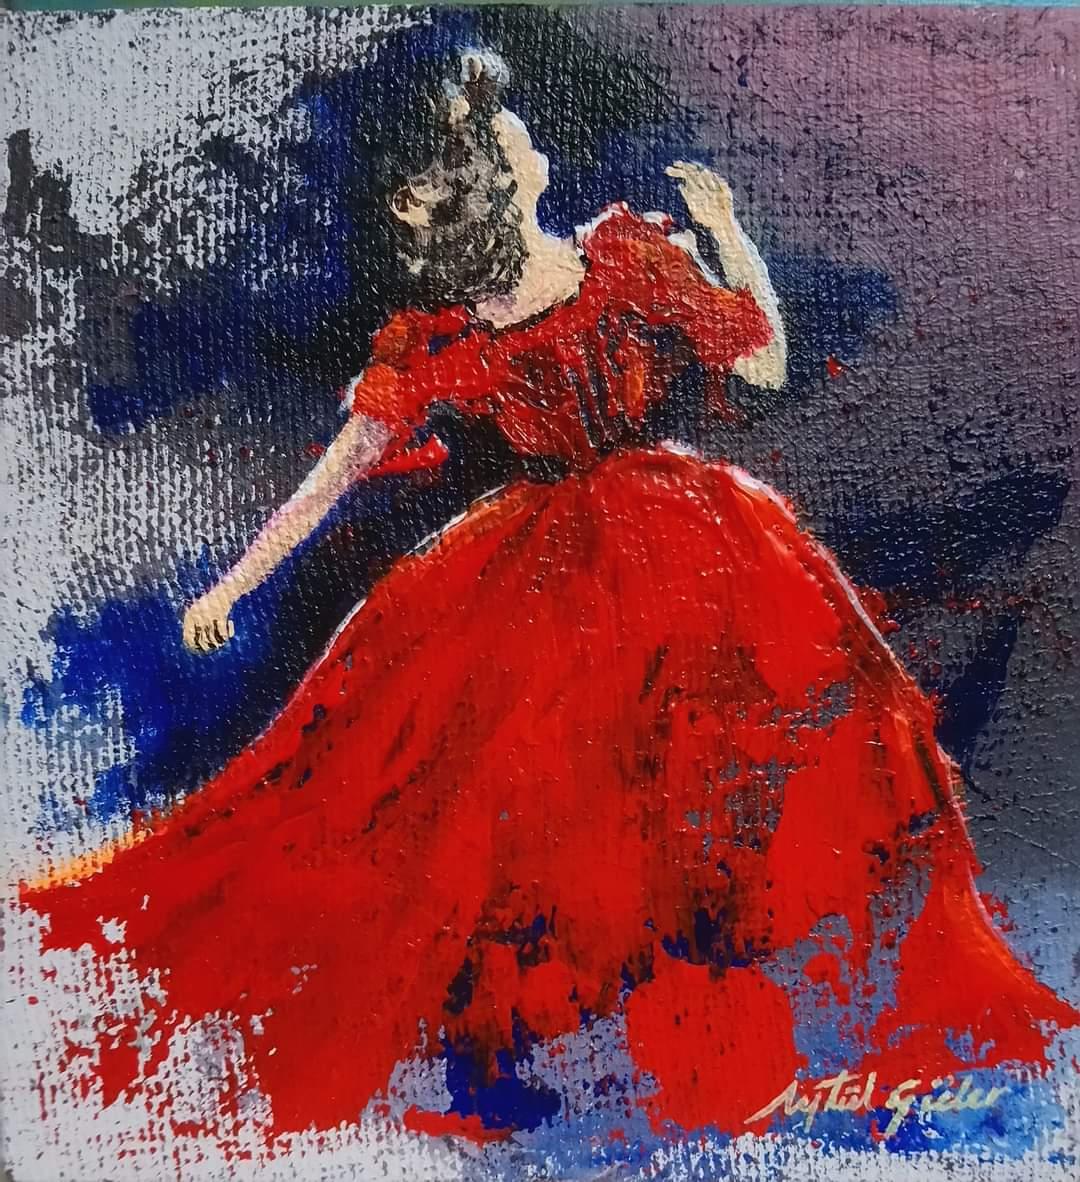 Kırmızı Elbiseli Kadın - Teknik: Tuval üzeri akrilik Ölçü: 22 x 22 cm Fiyat : 300 TL